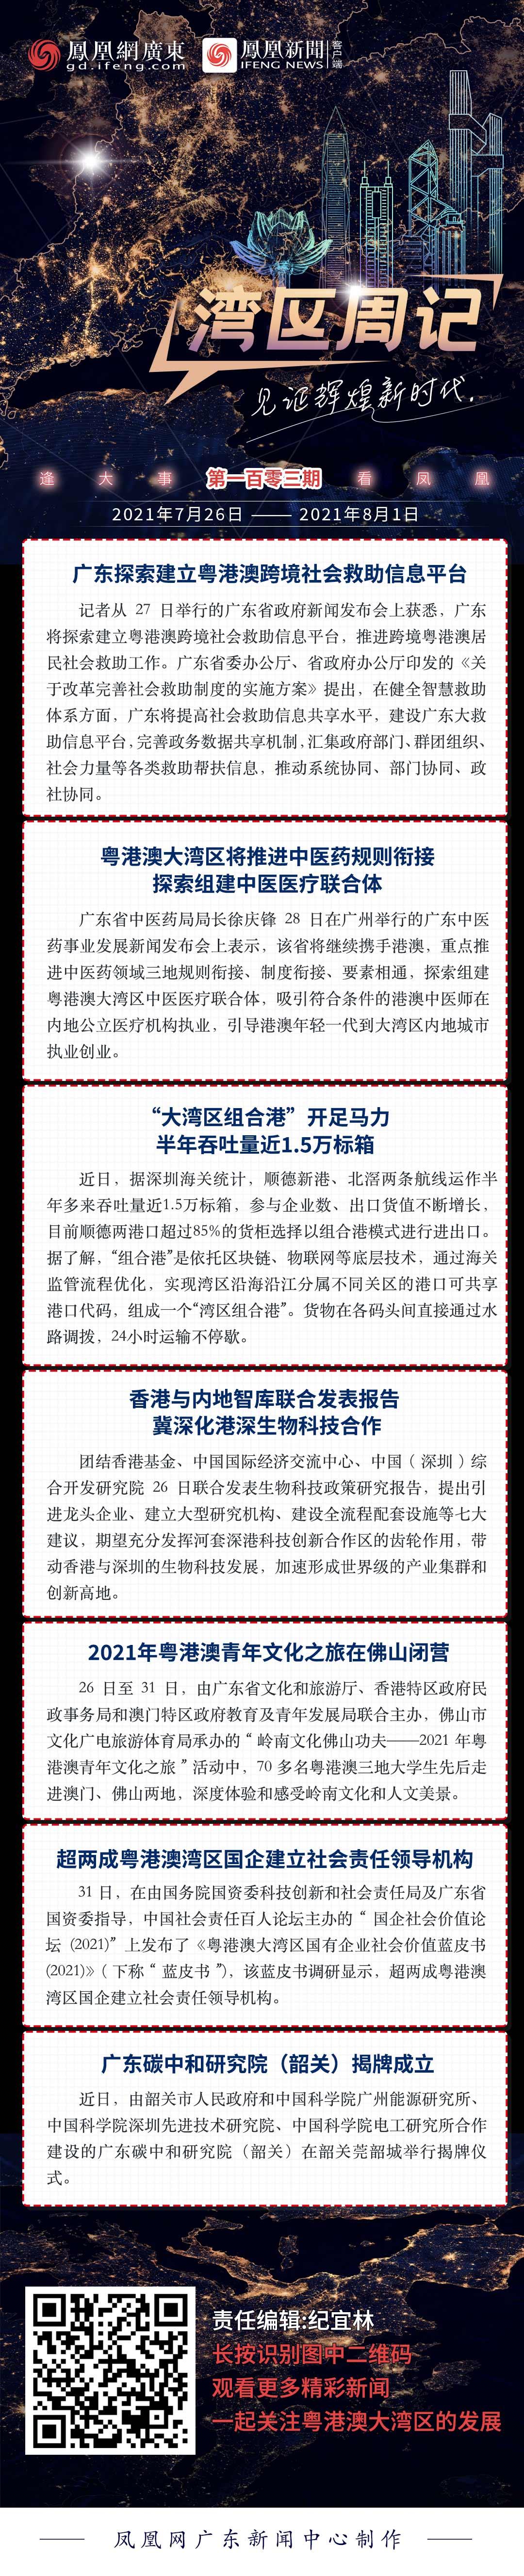 湾区周记No.103丨广东探索建立粤港澳跨境社会救助信息平台